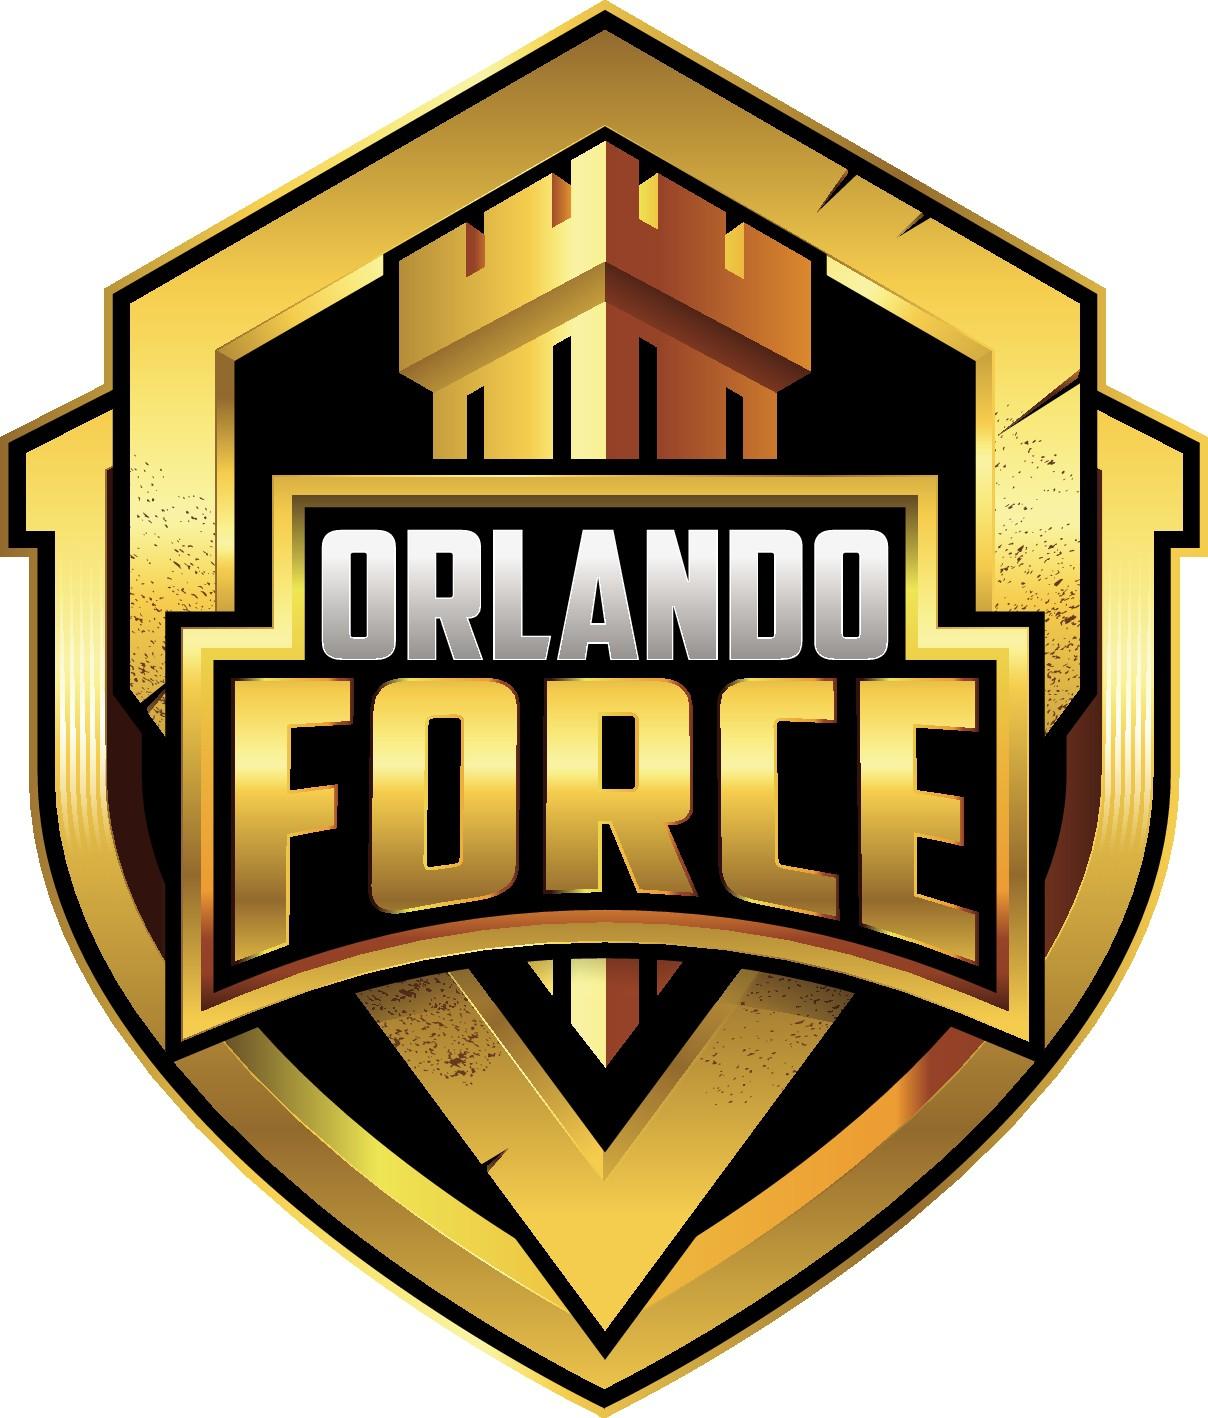 Orlando Force logo design